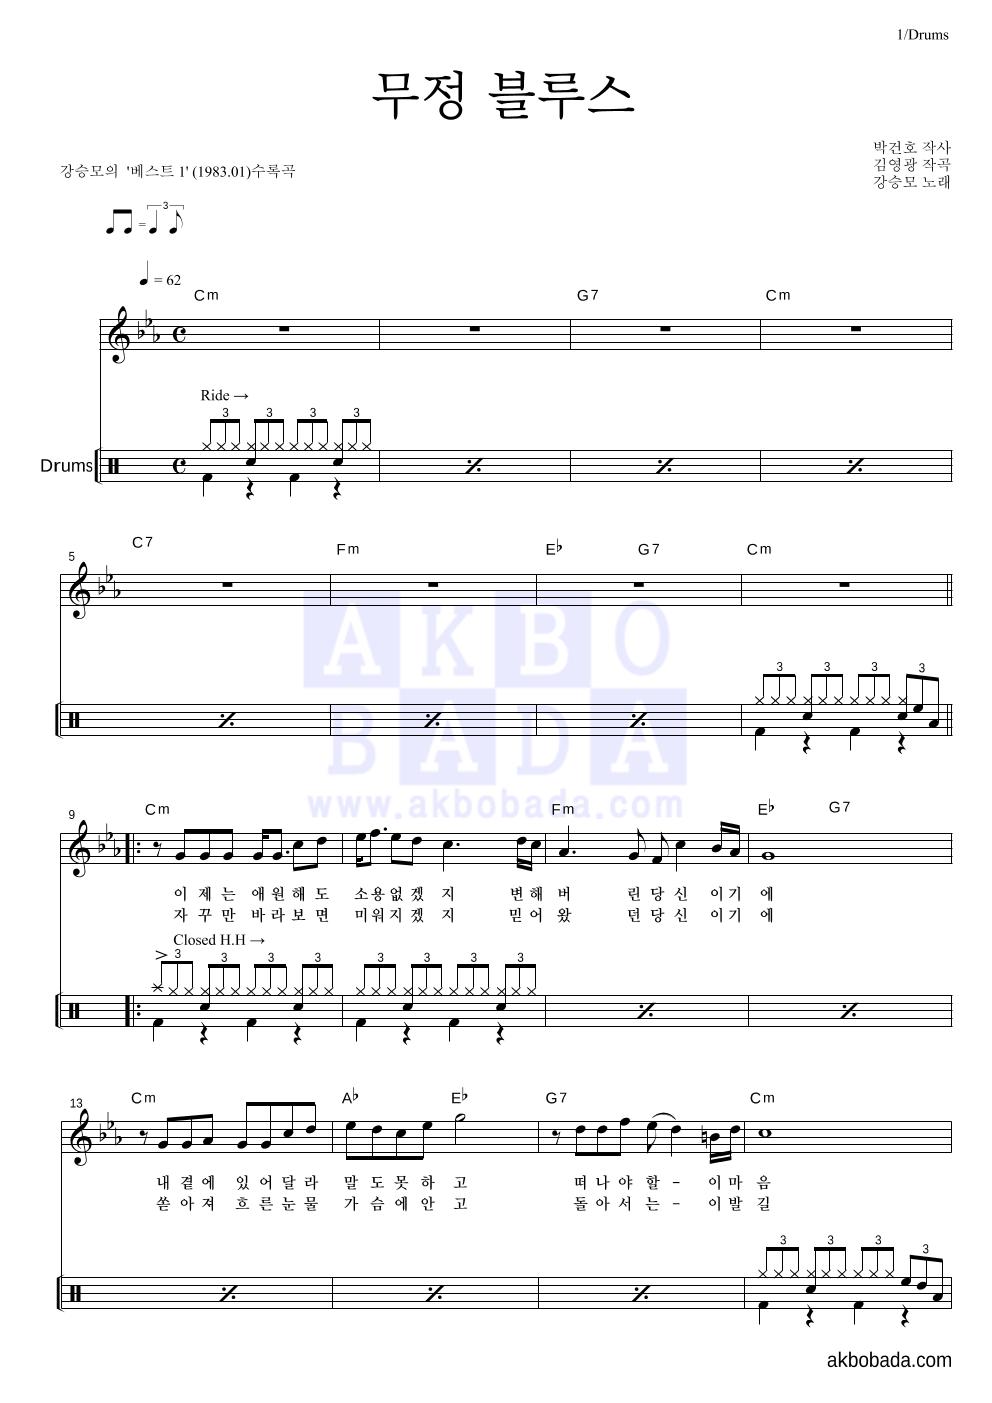 강승모 - 무정블루스 드럼 악보